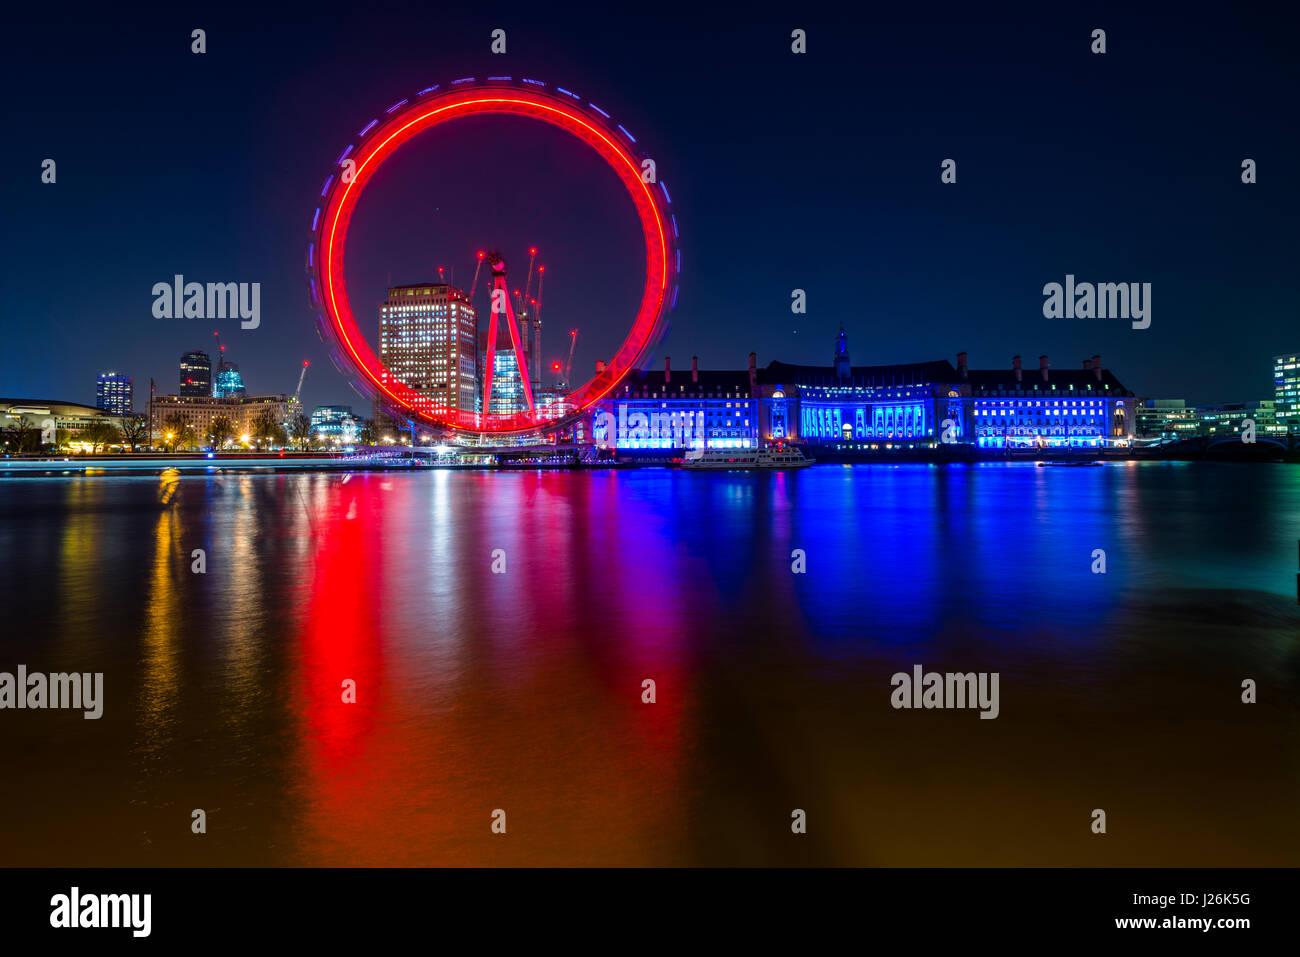 London Eye on the Thames with reflection, illuminated, night shot, London, London region, England, United Kingdom - Stock Image